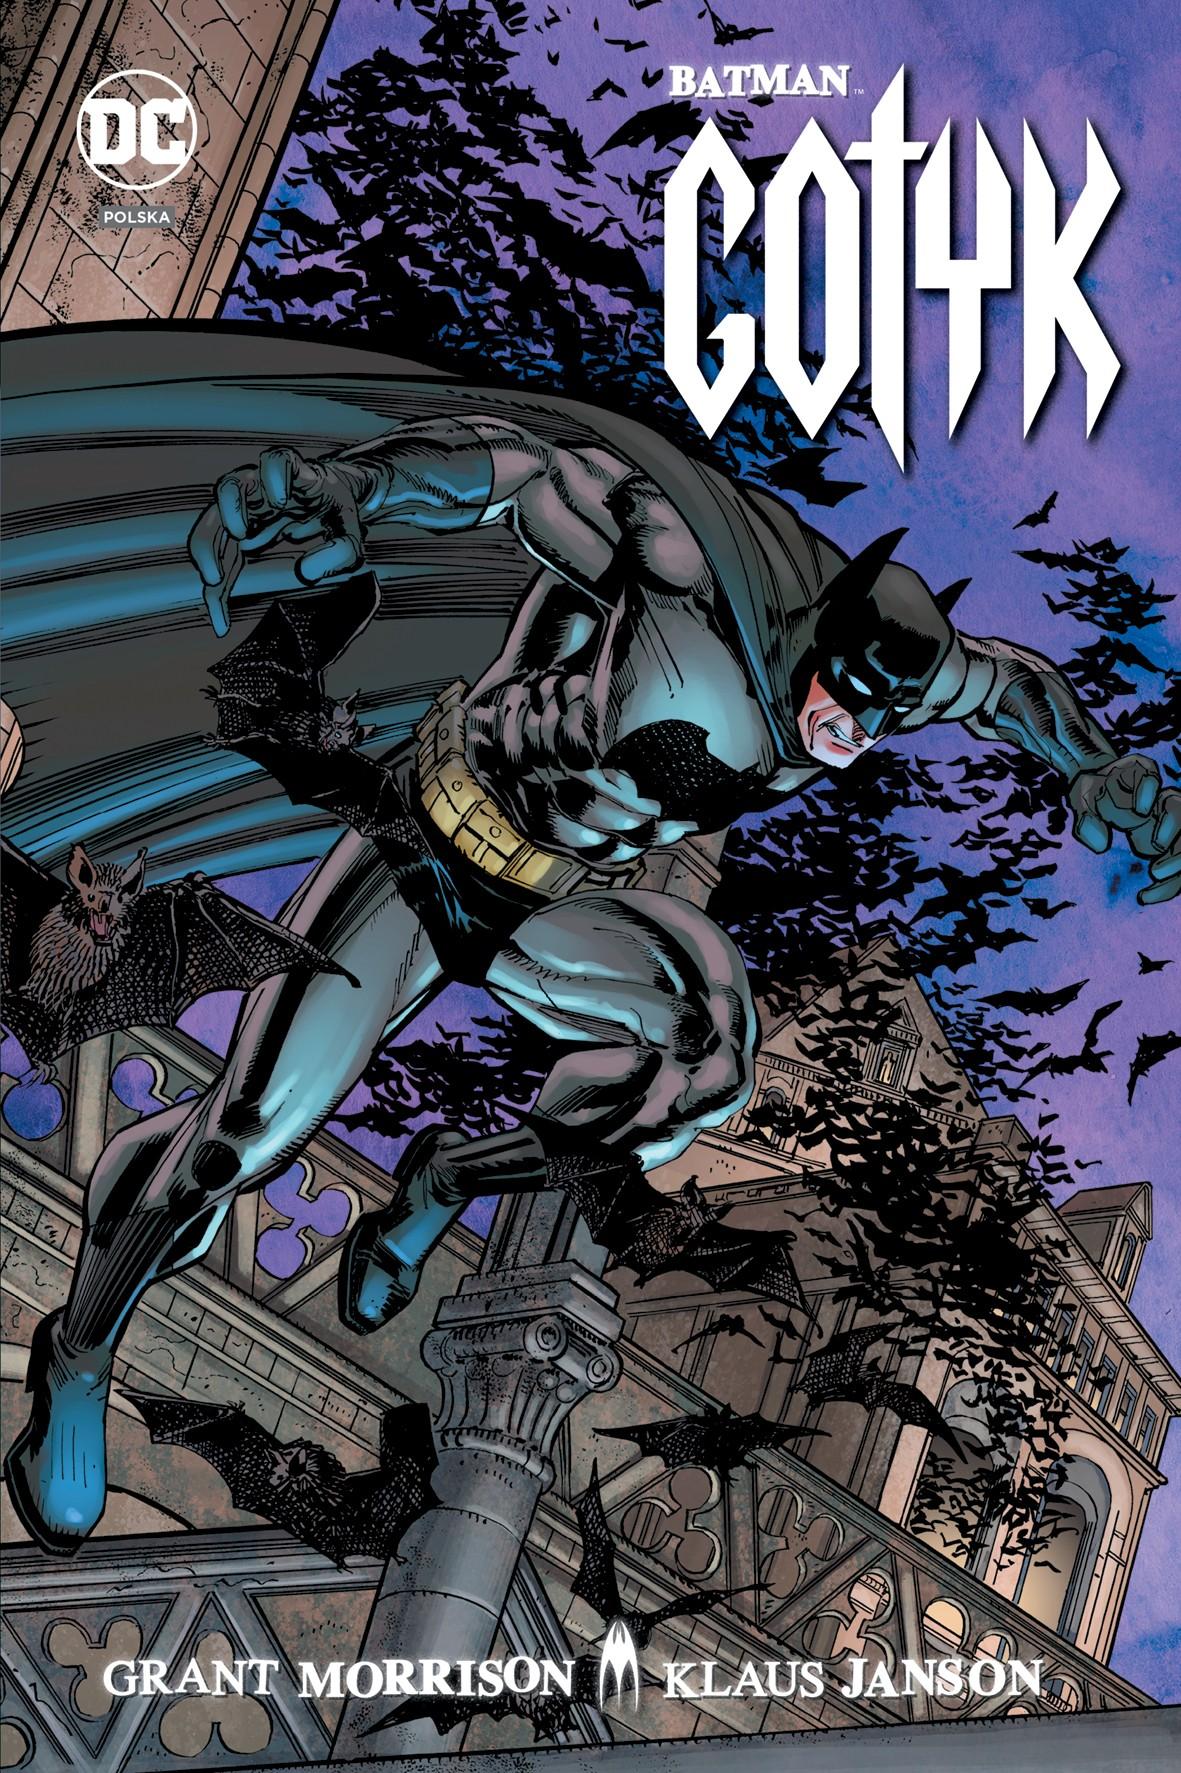 Batman-Gotyk-10cm.jpg